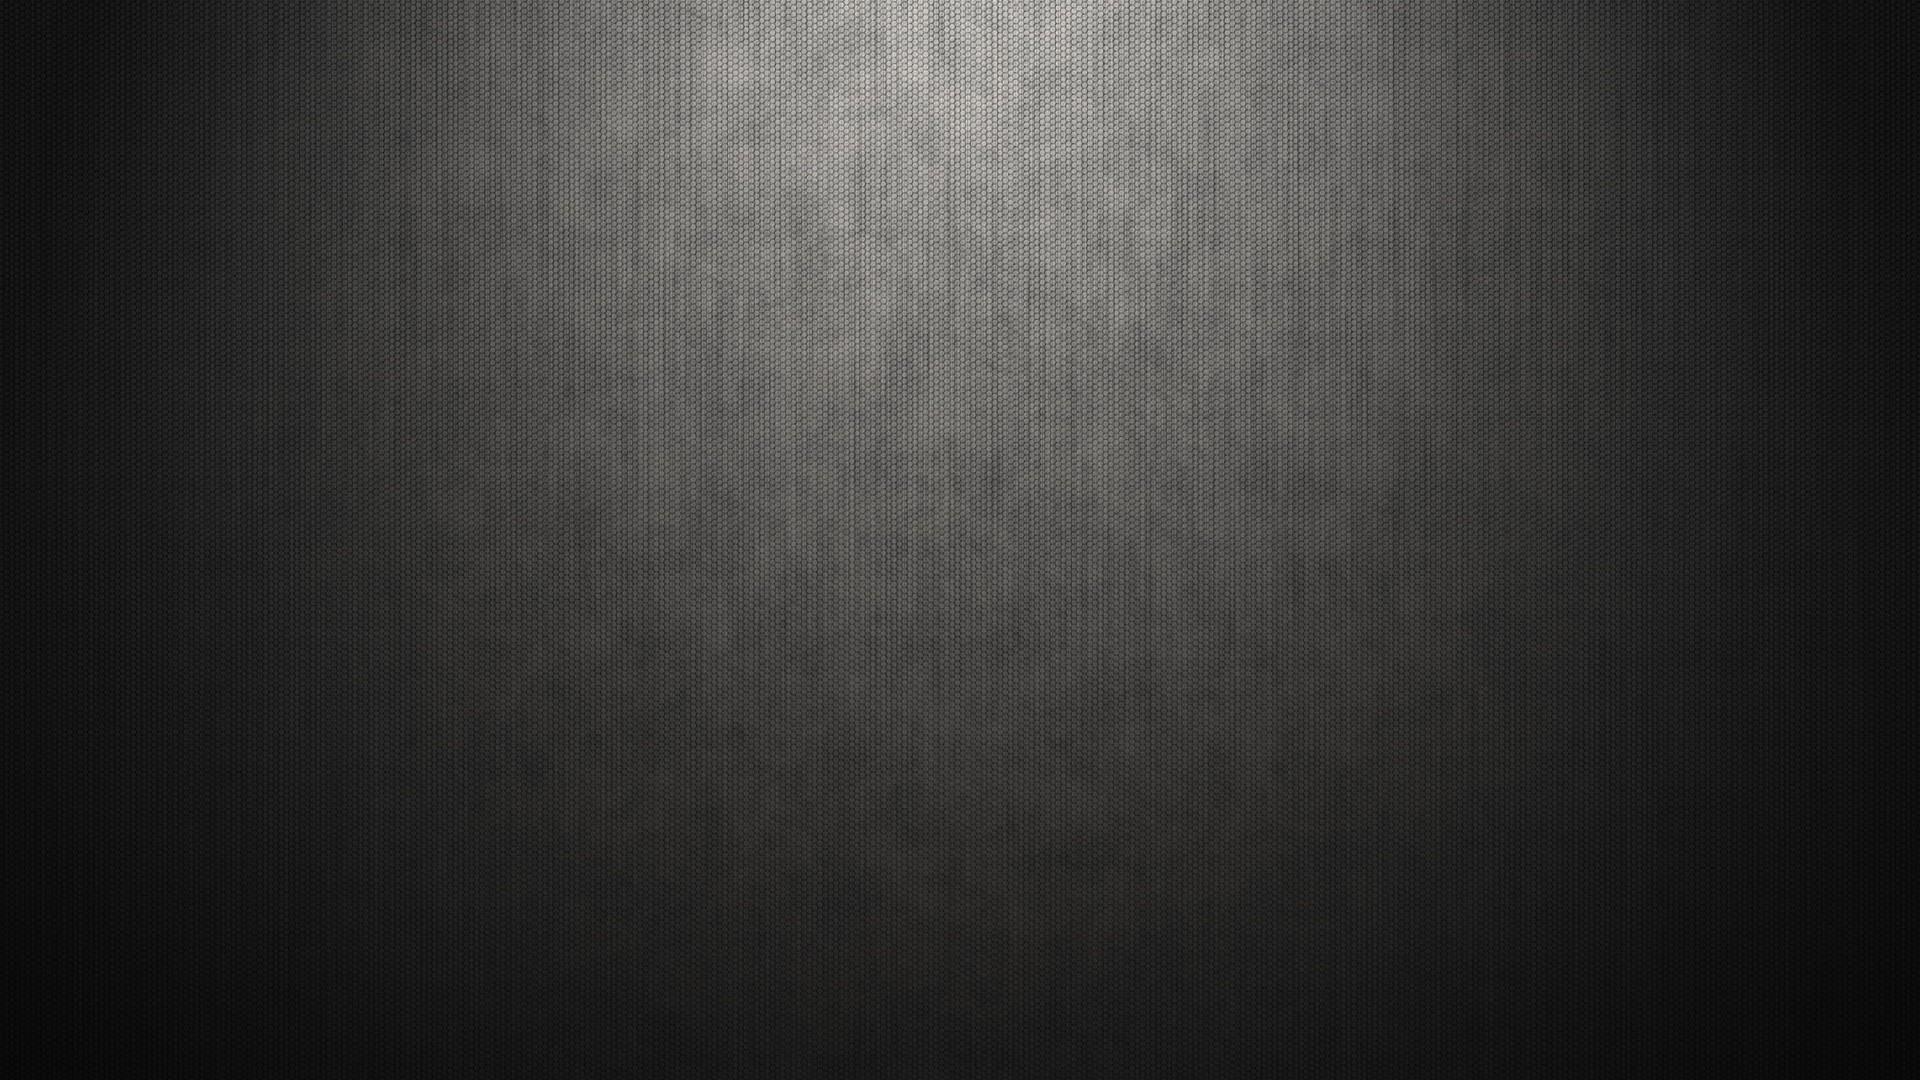 Iphone X Glitter Wallpaper Die 81 Besten Grau Hintergrundbilder